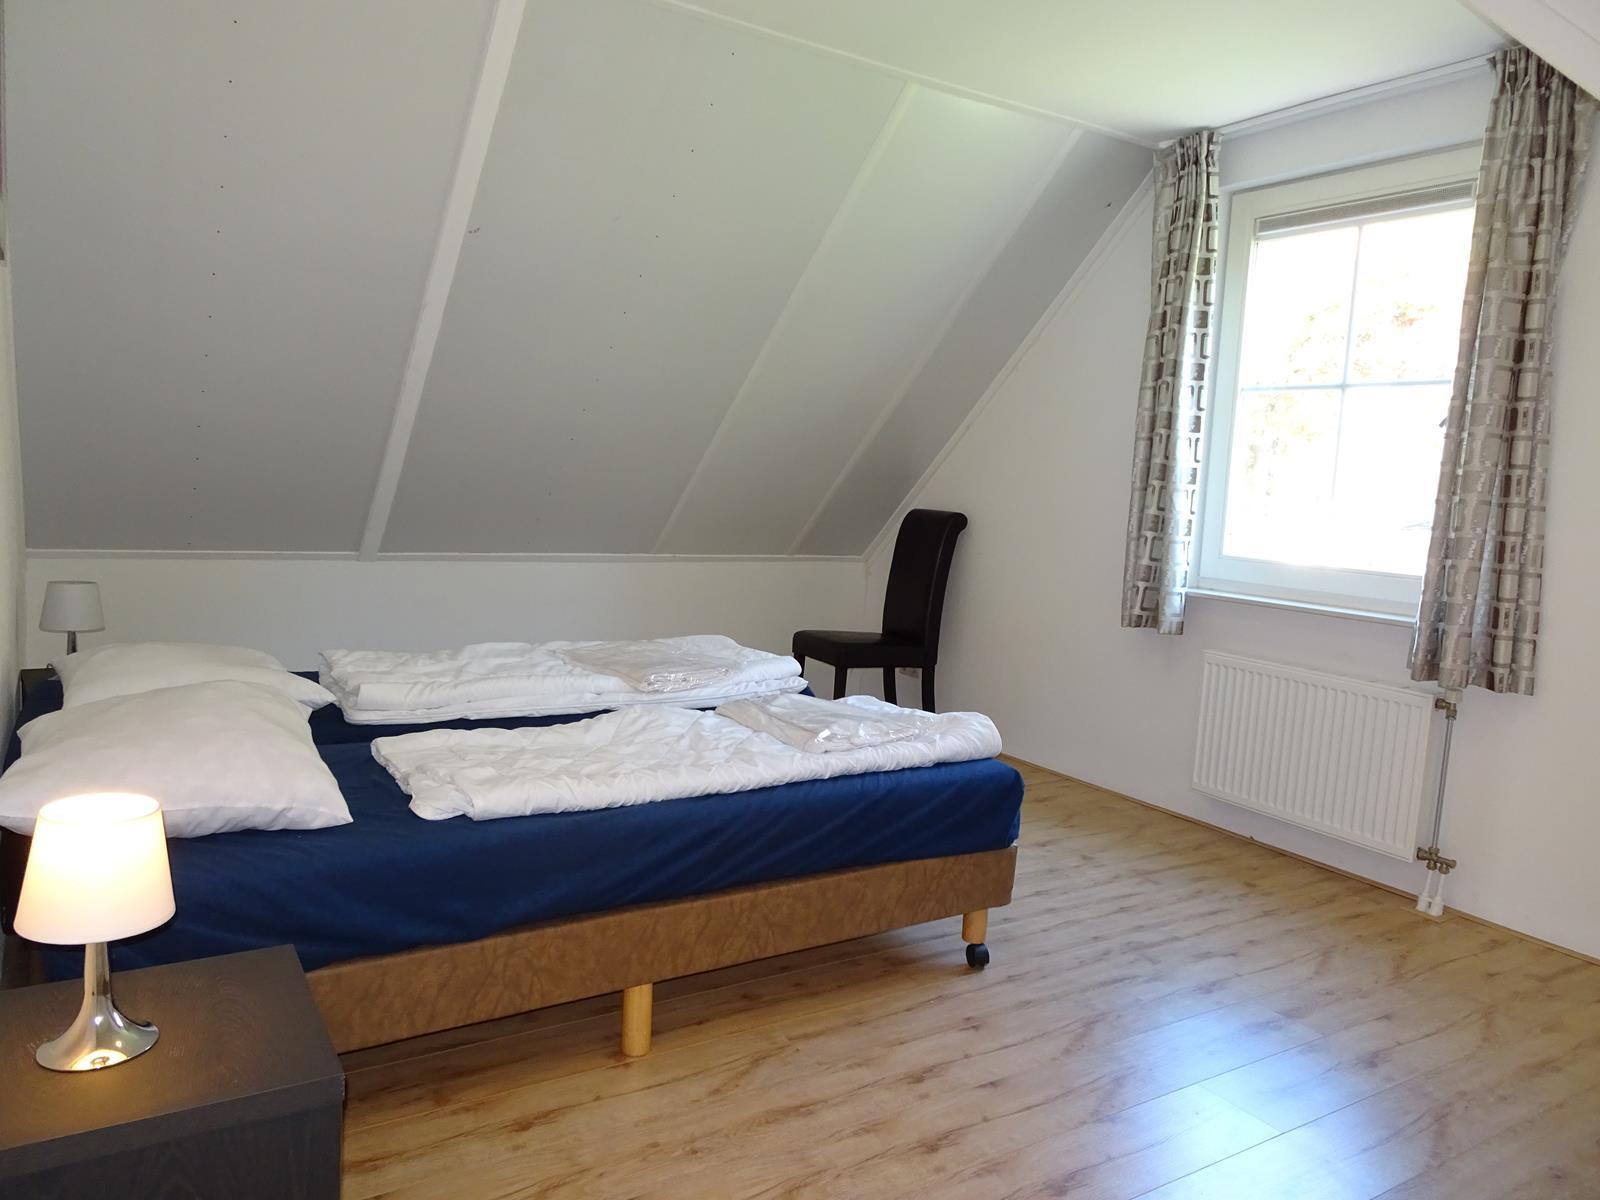 Vakantiehuis te koop Susteren K800 045.jpg